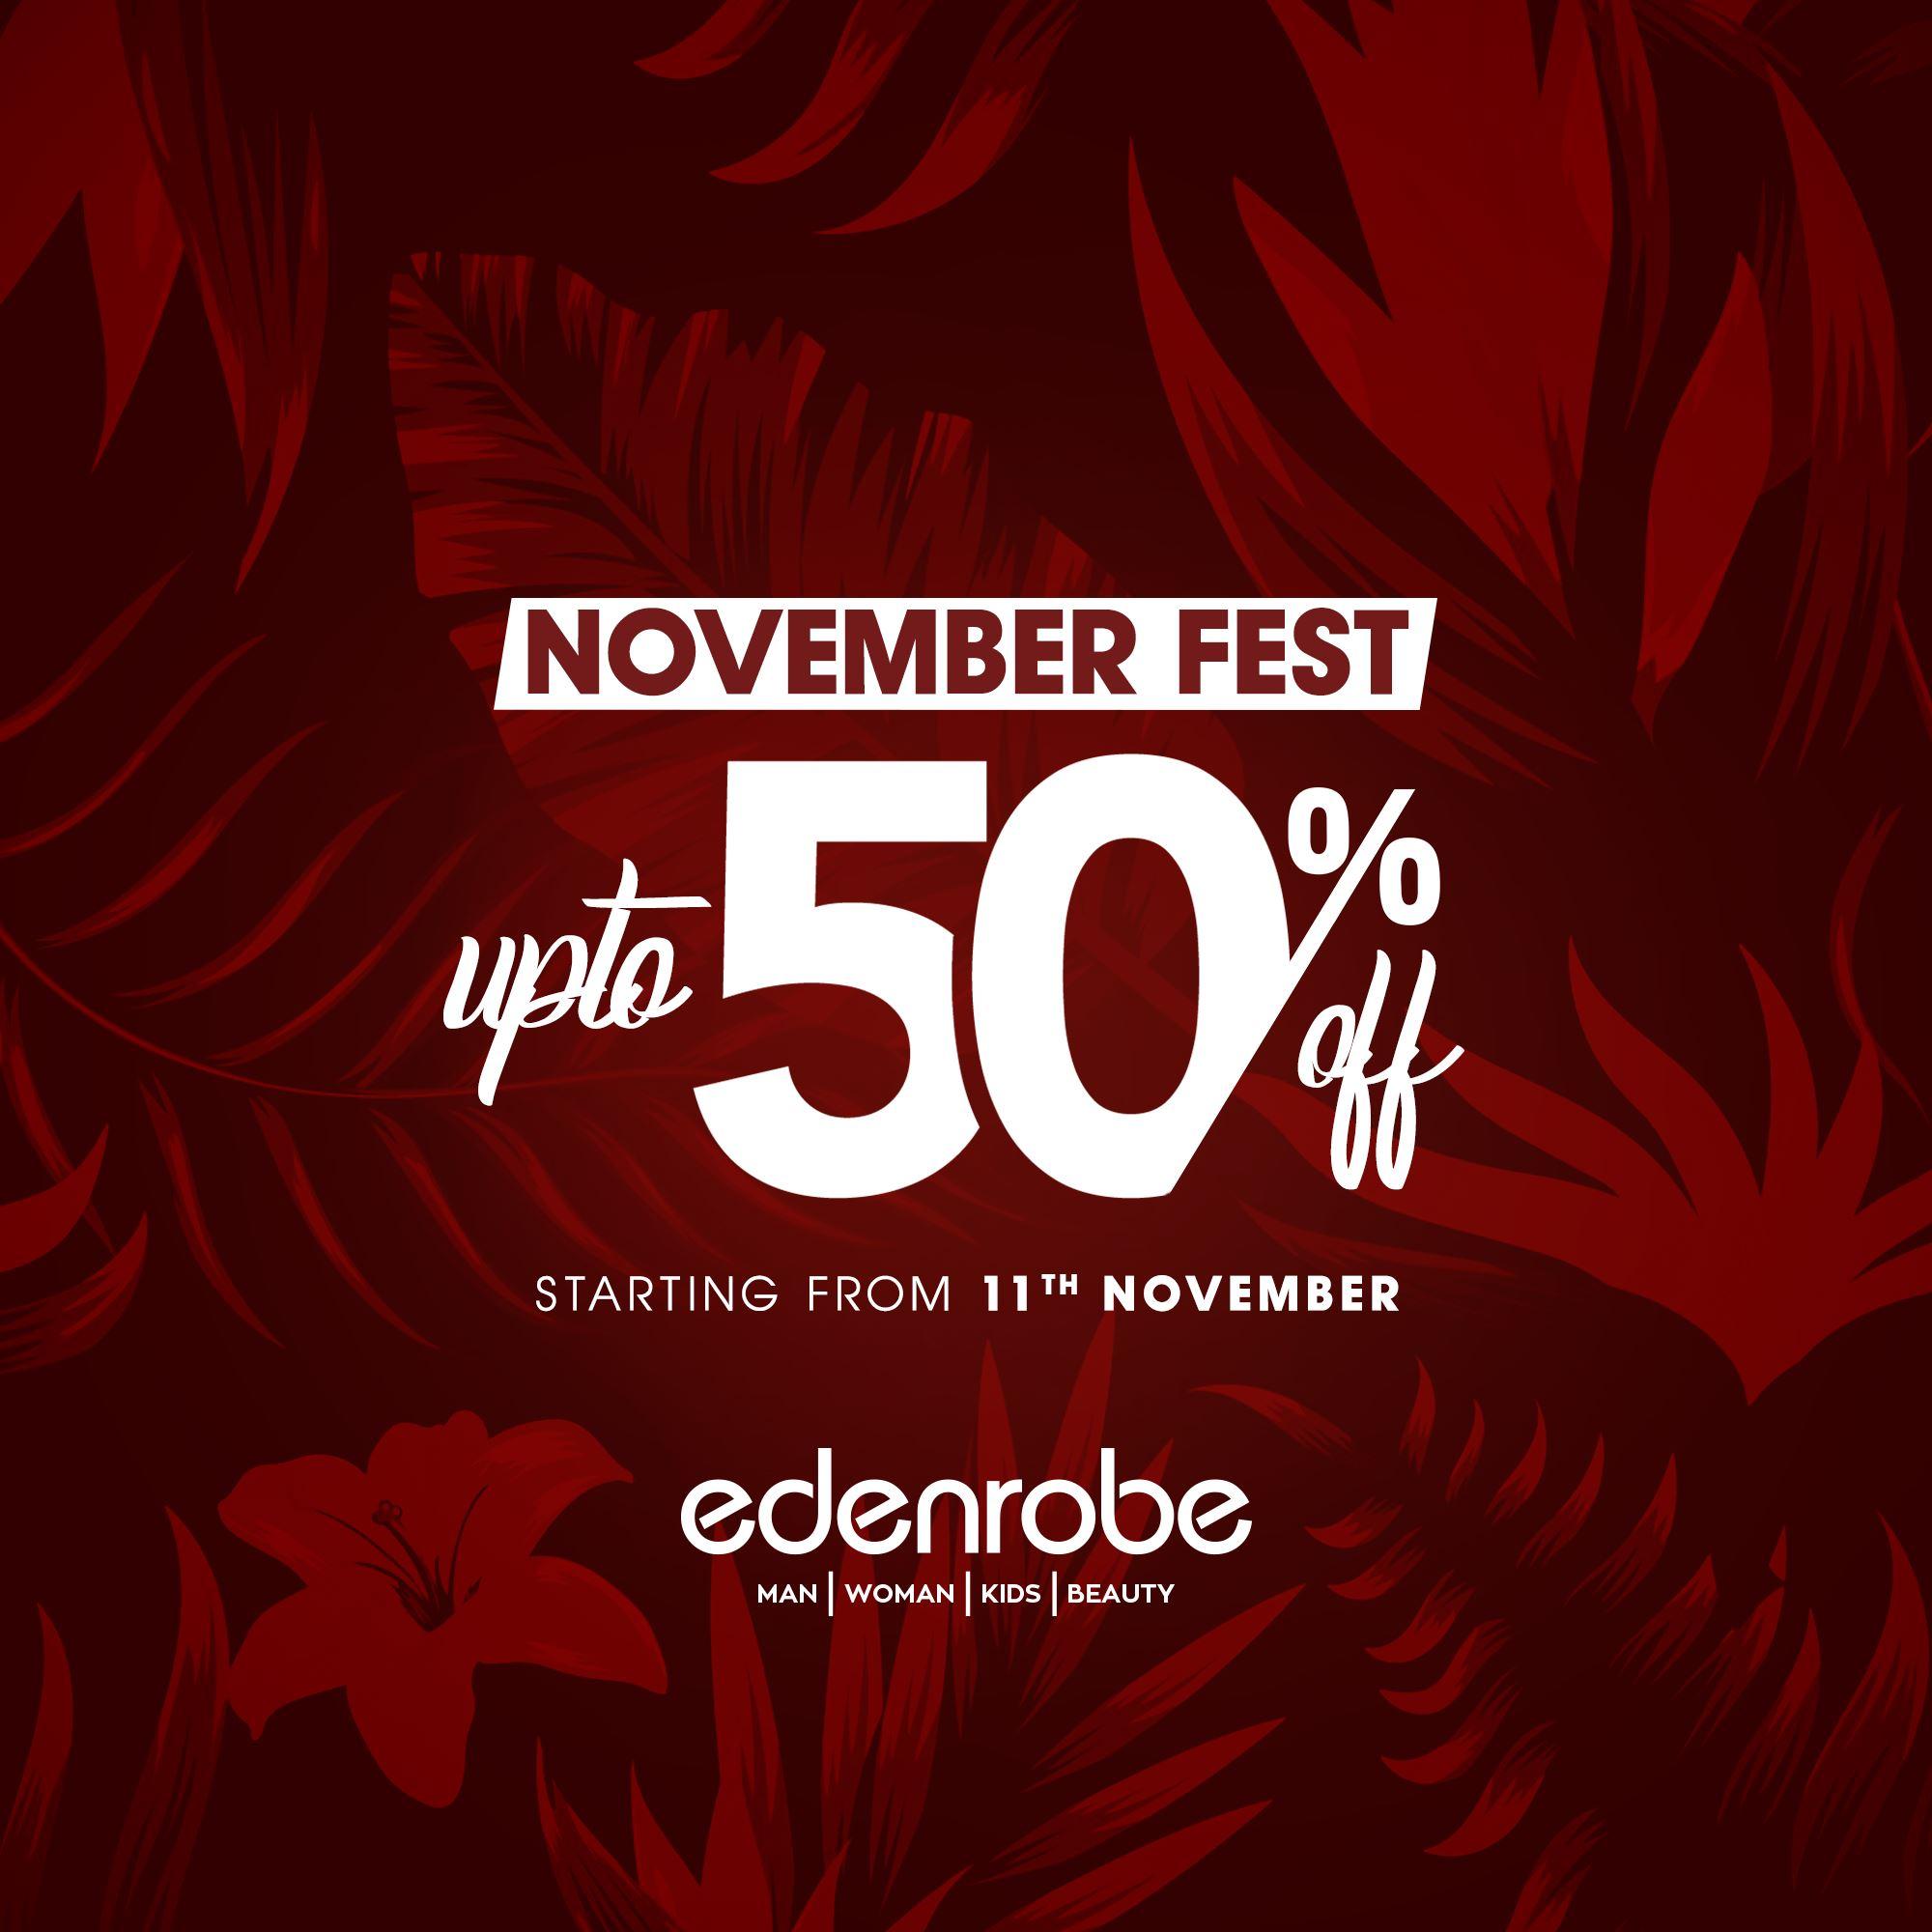 Edenrobe - November Fest